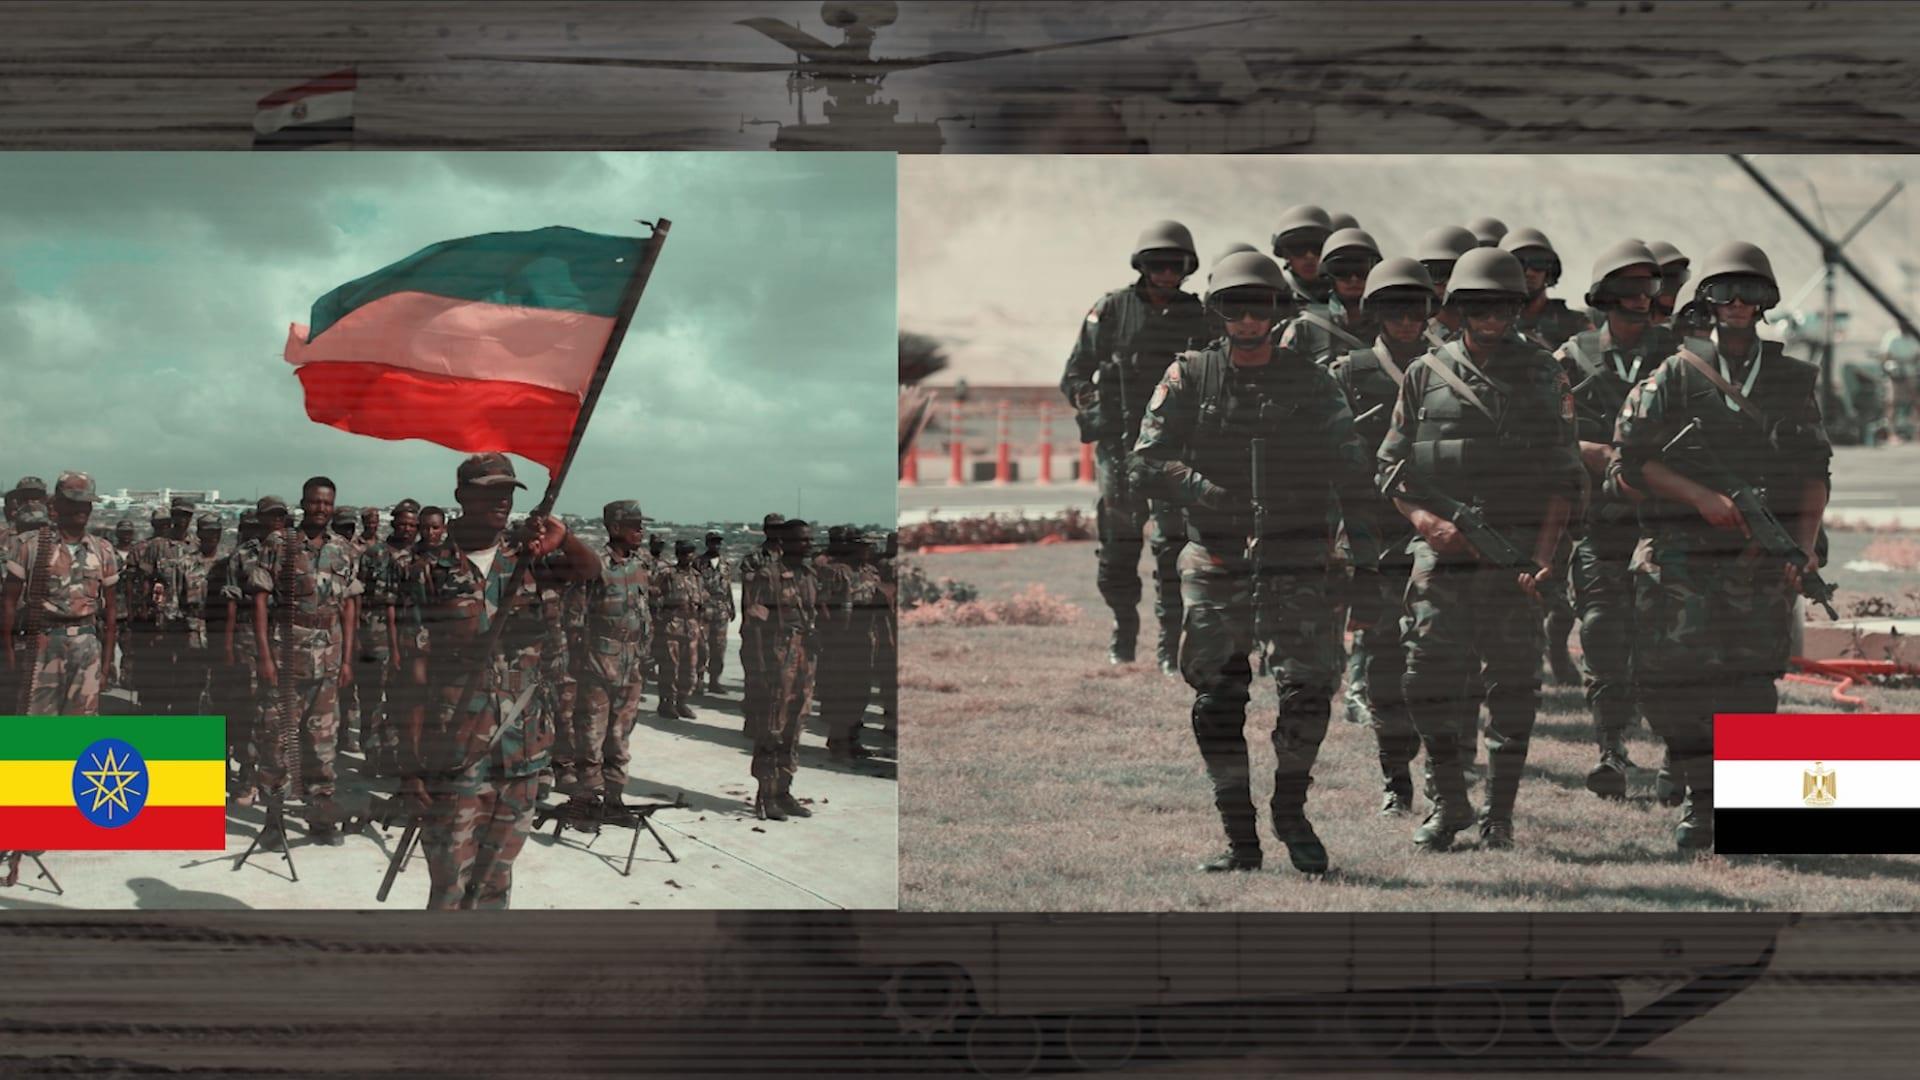 بأحدث إحصائية. مقارنة بين الجيش المصري ونظيره الإثيوبي